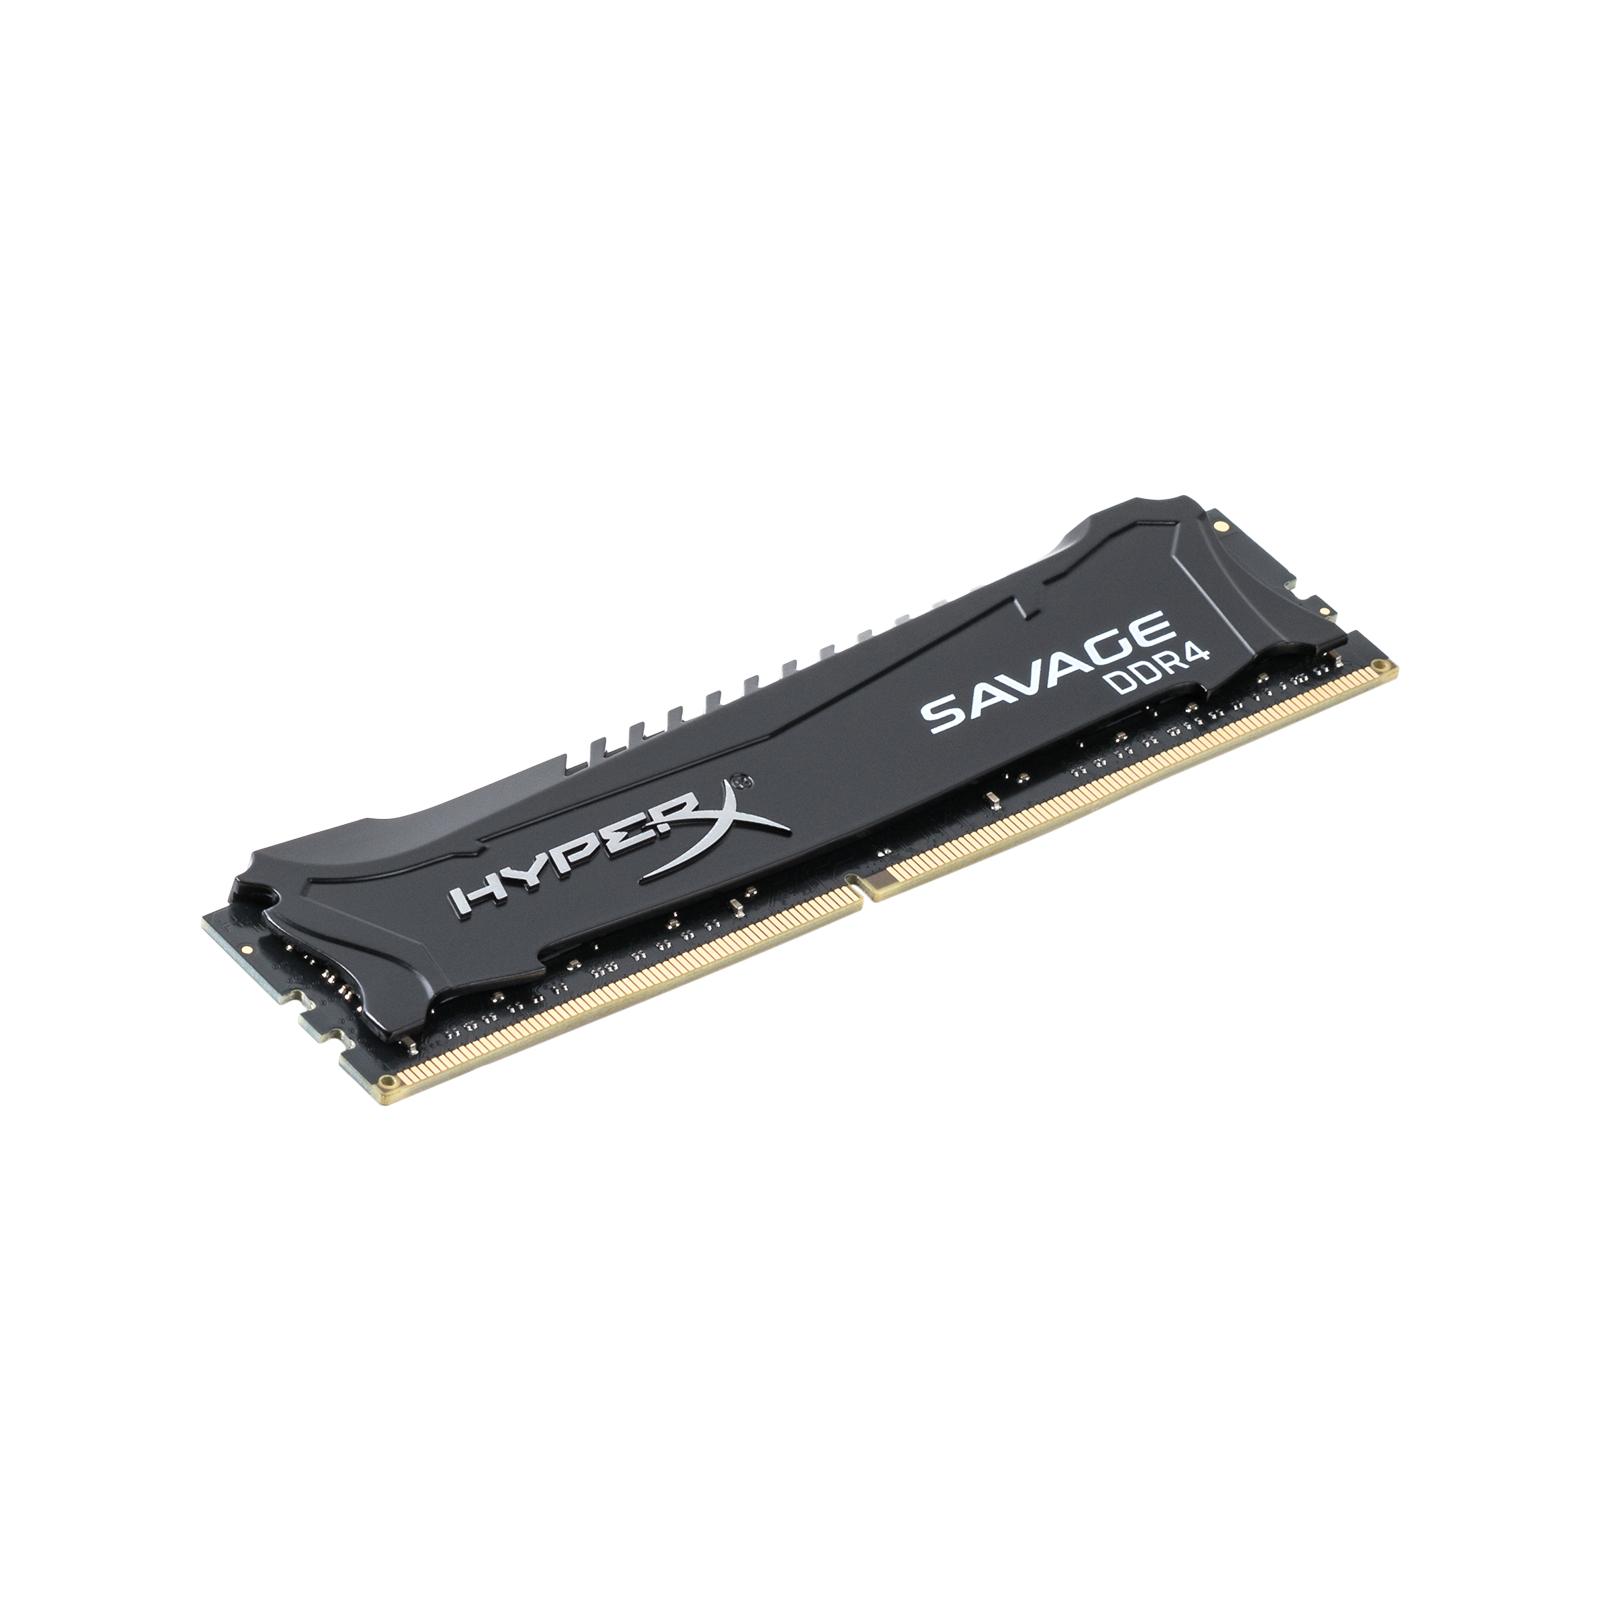 Модуль памяти для компьютера DDR4 8GB 2666 MHz HyperX Savage Black Kingston (HX426C13SB2/8)